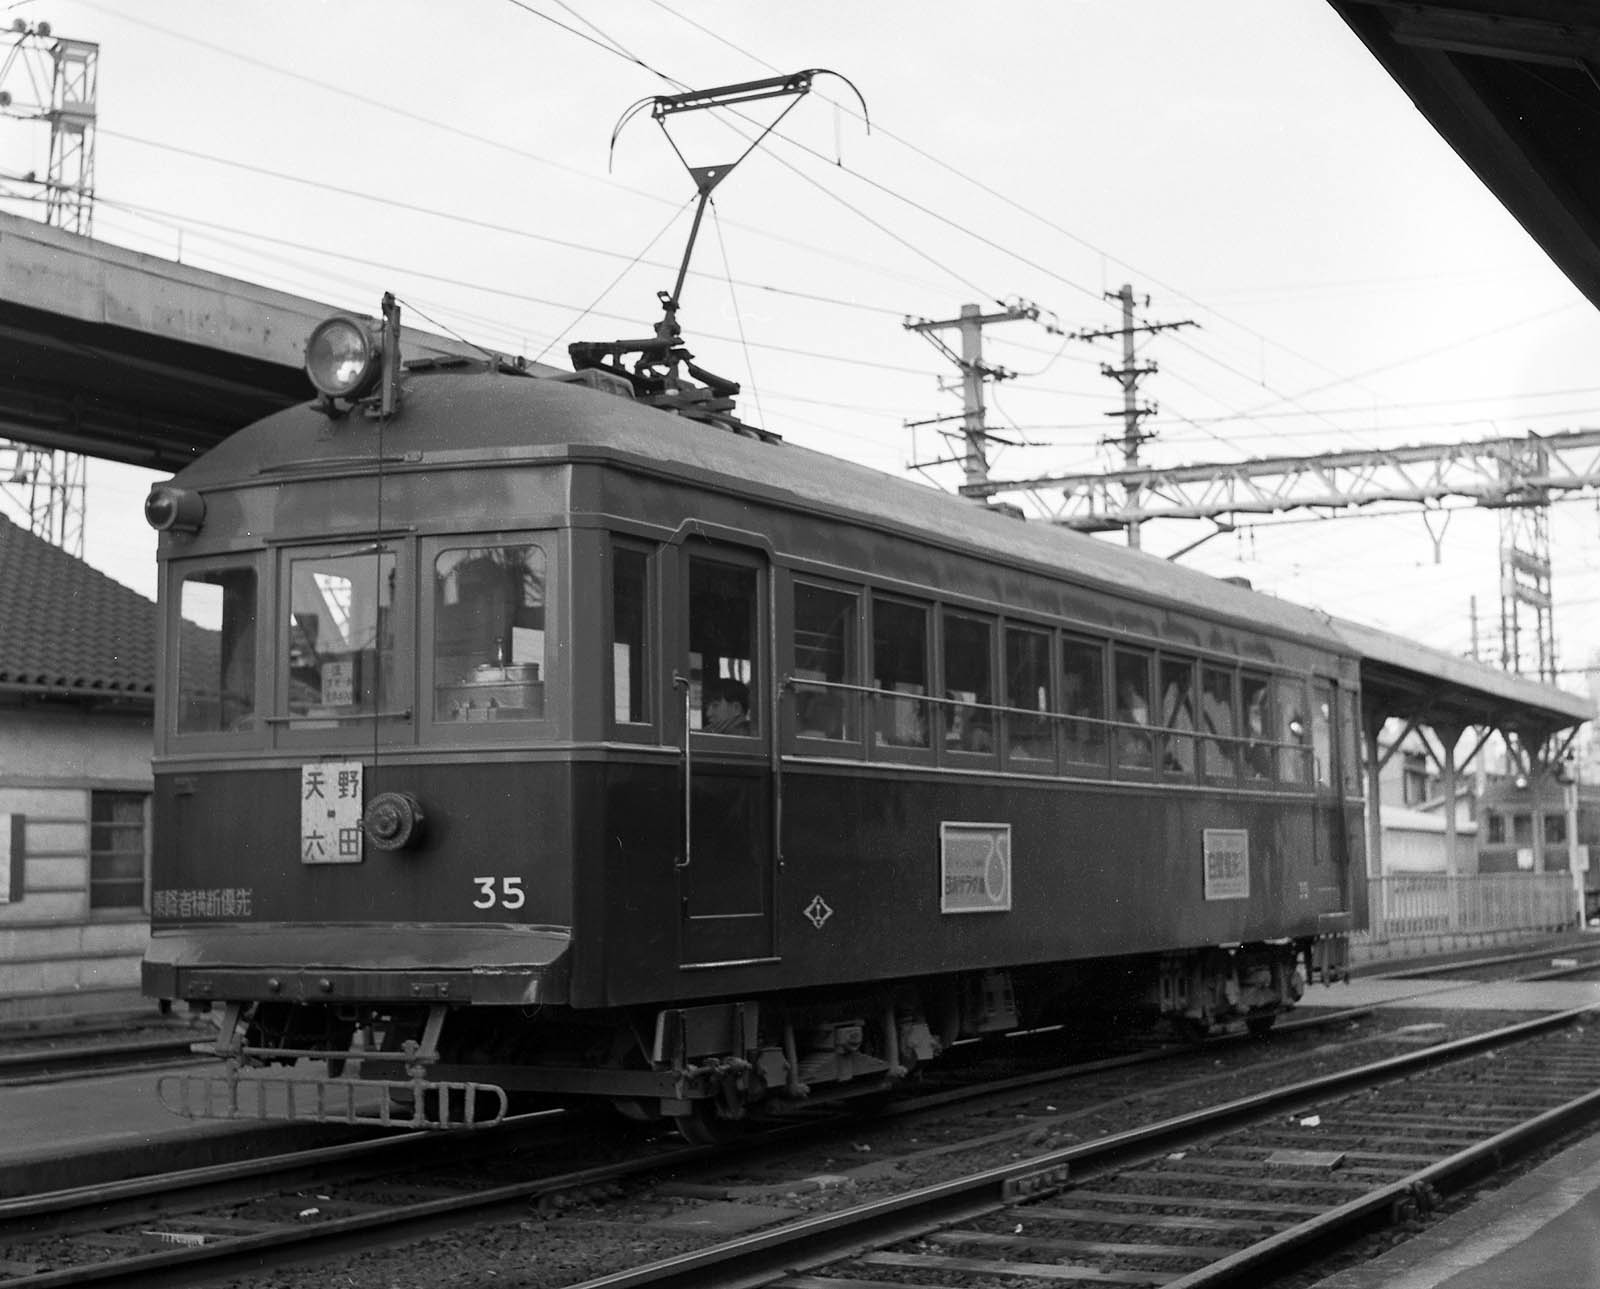 阪神31形電車 - Wikipedia